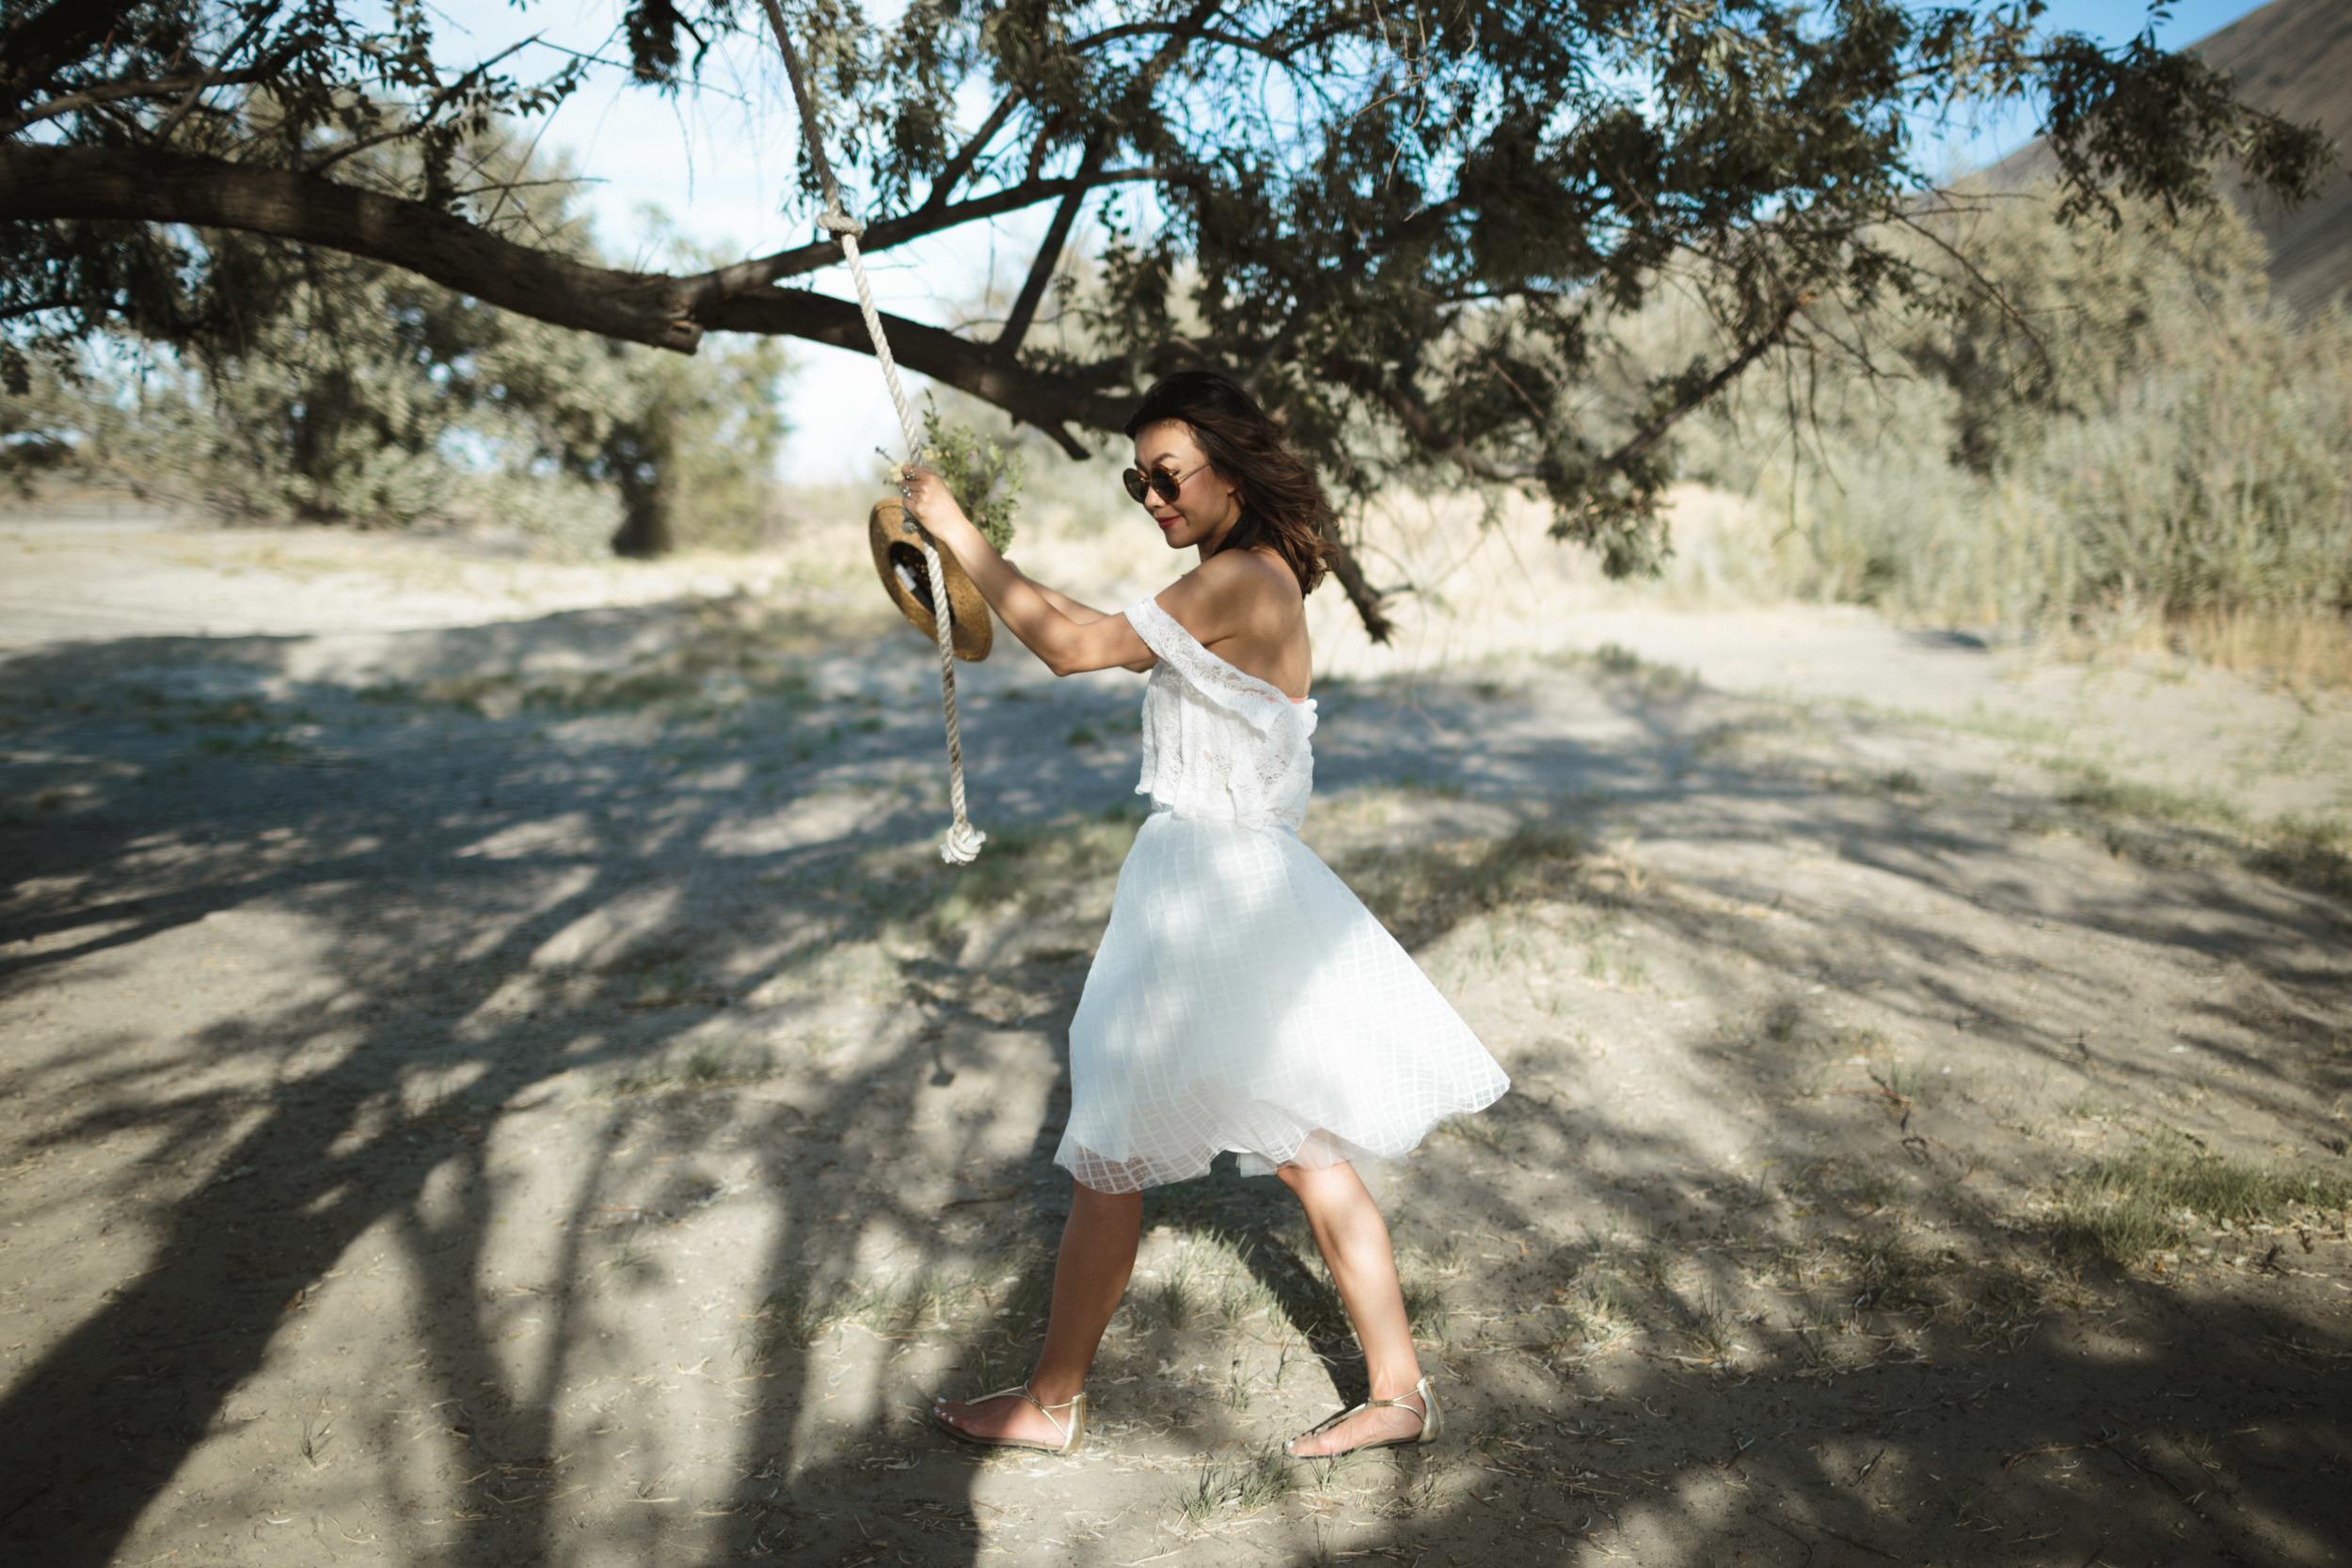 Carolyn white skirt-134.jpg